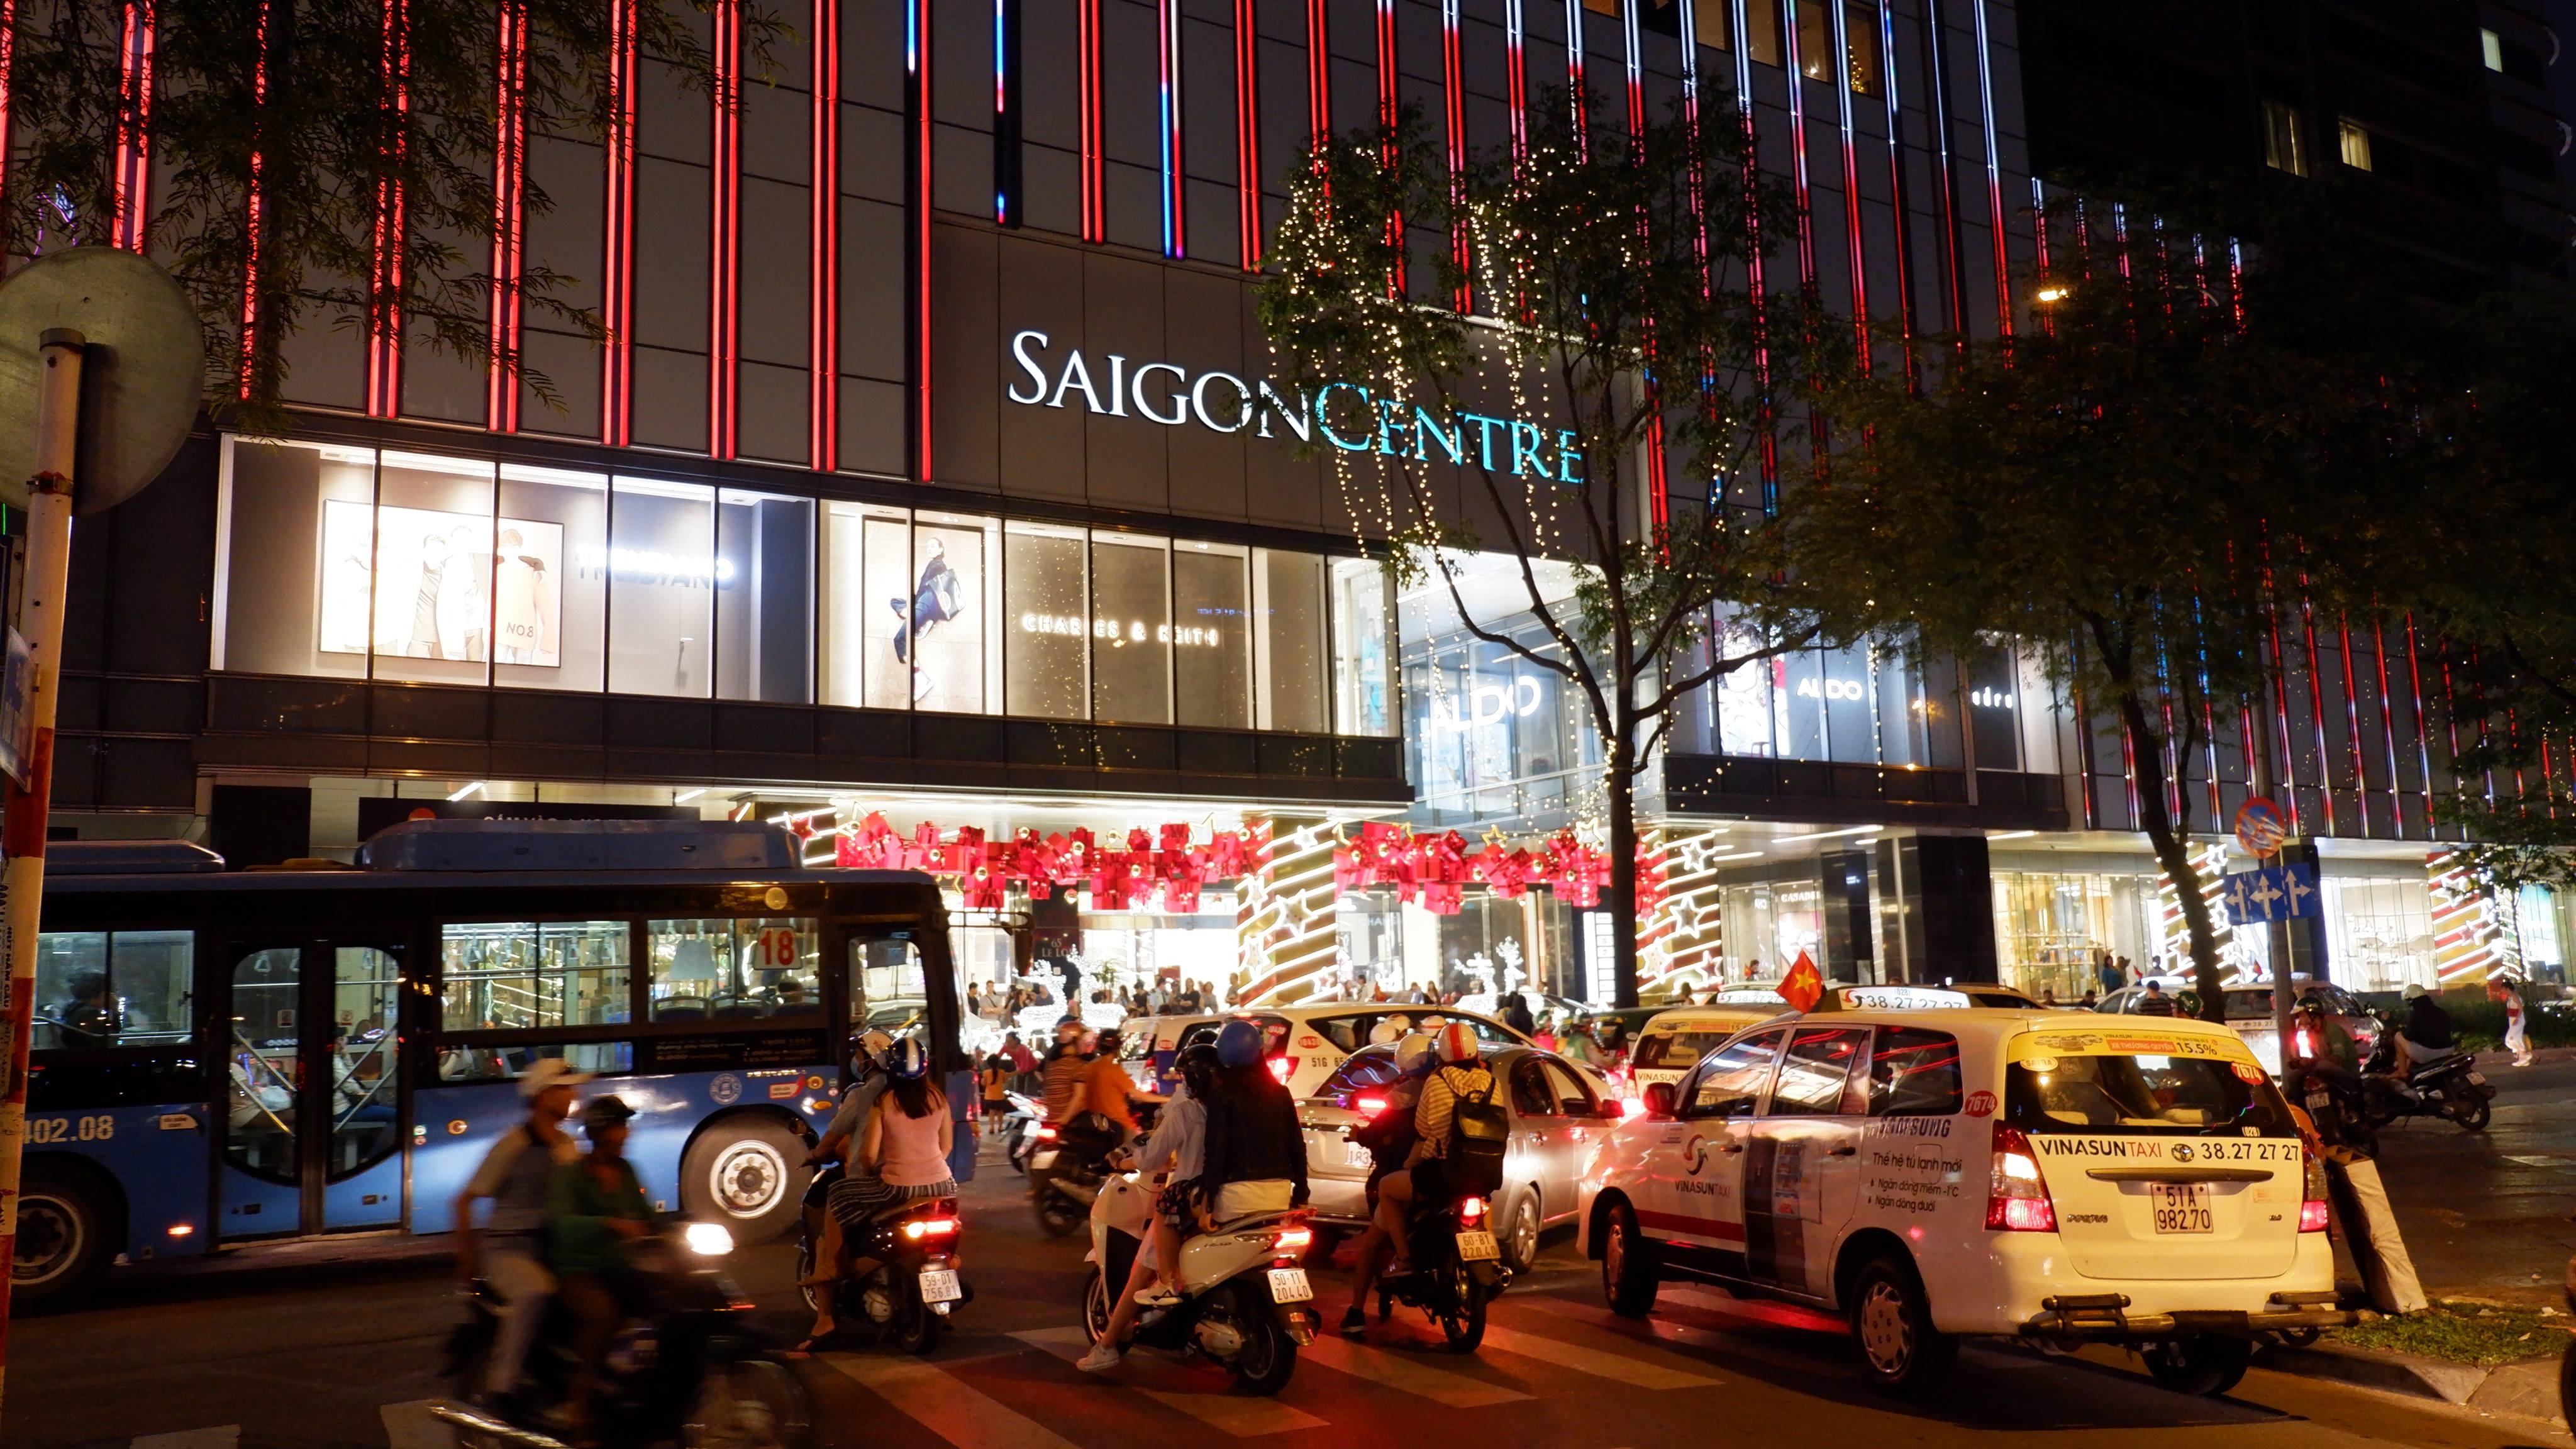 saigon-center-vietnam (1)